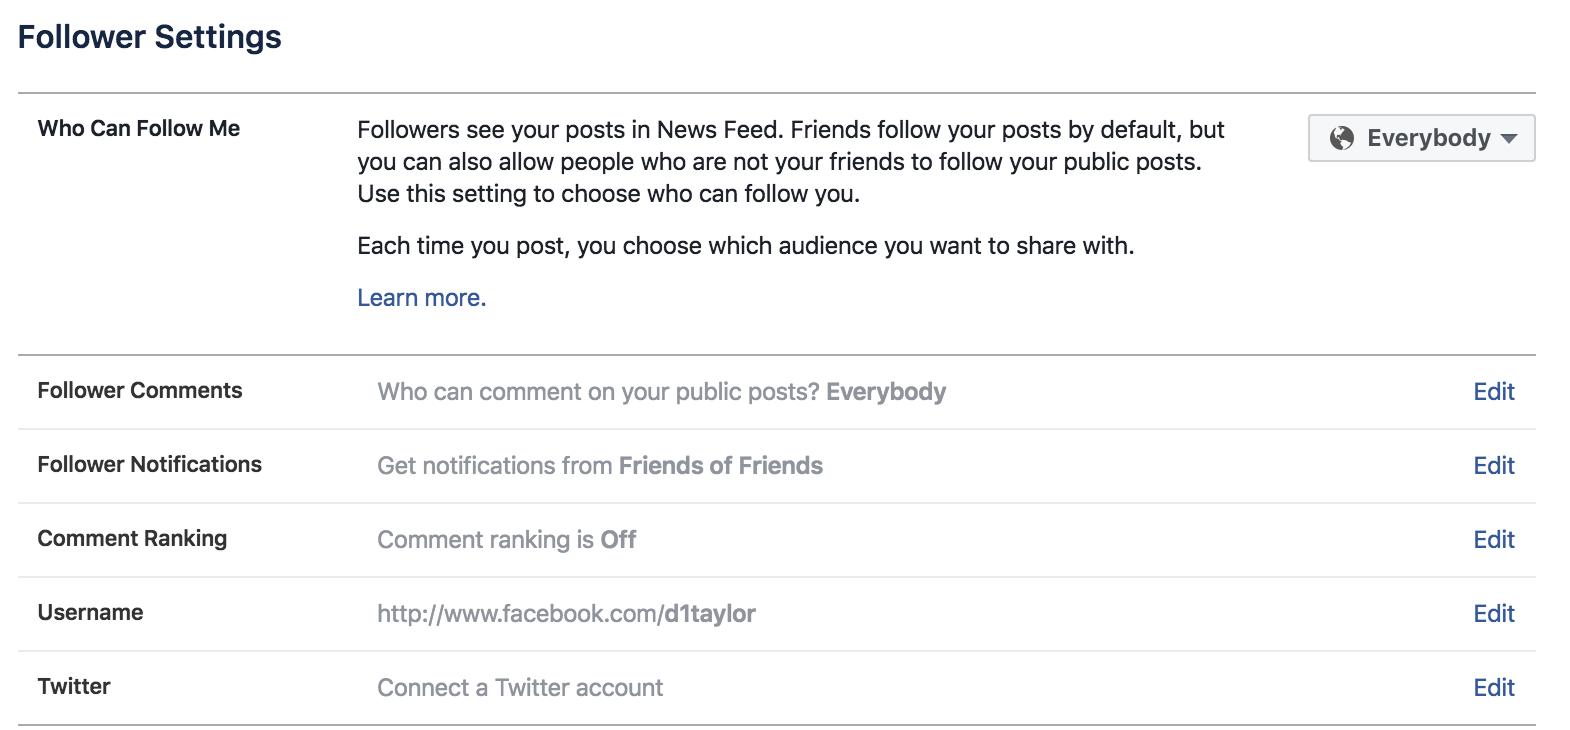 facebook followers settings details